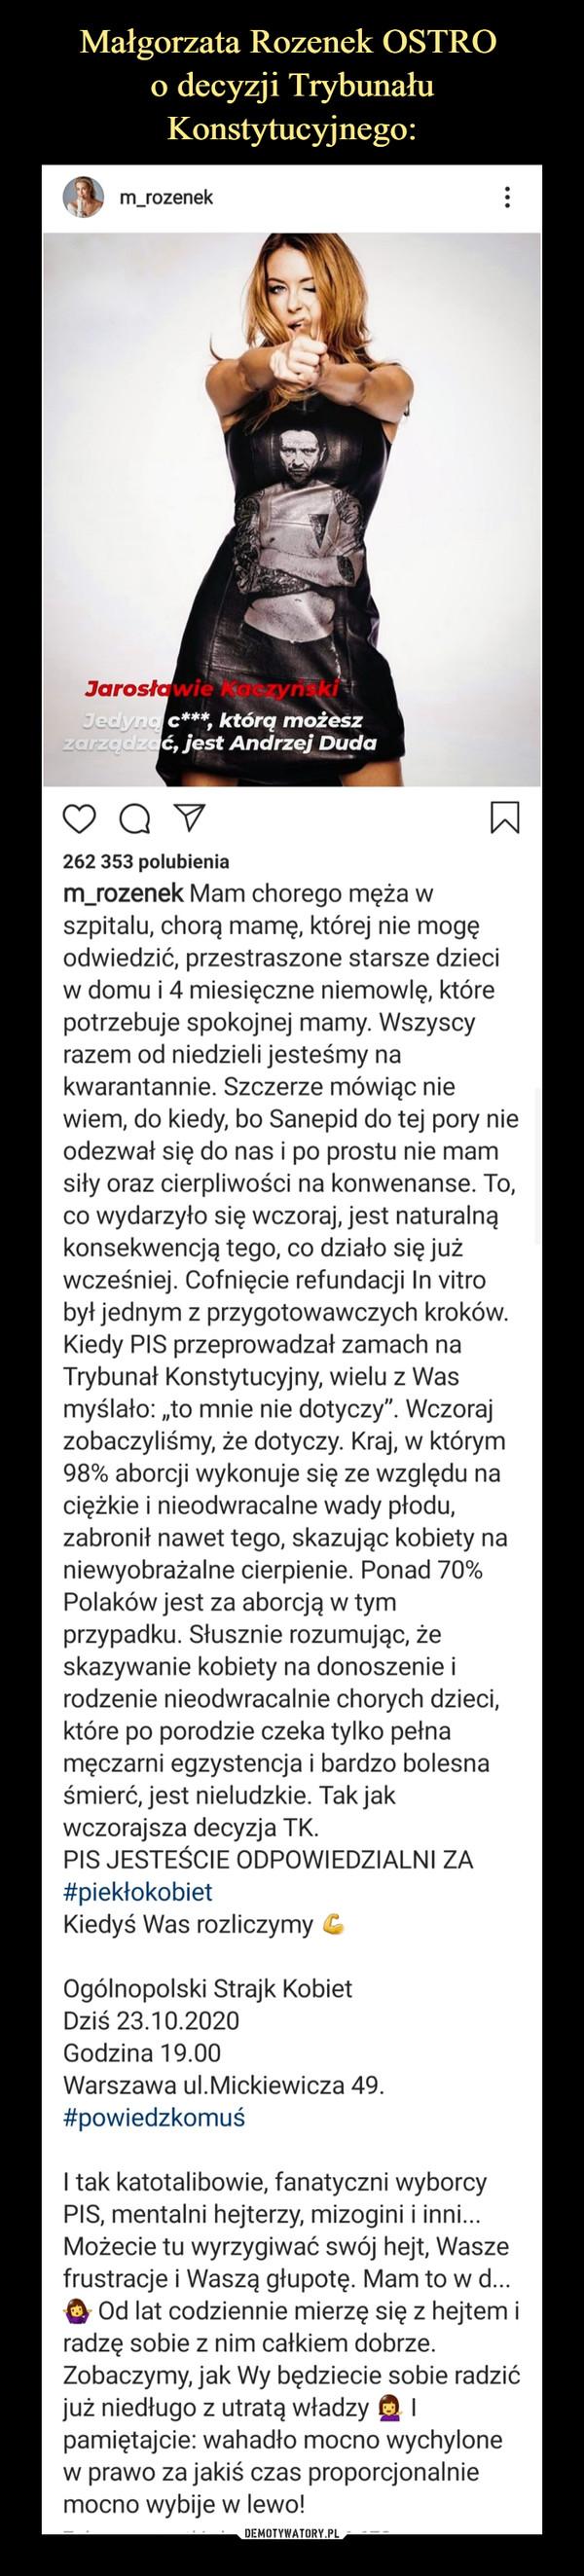 Małgorzata Rozenek OSTRO  o decyzji Trybunału Konstytucyjnego: